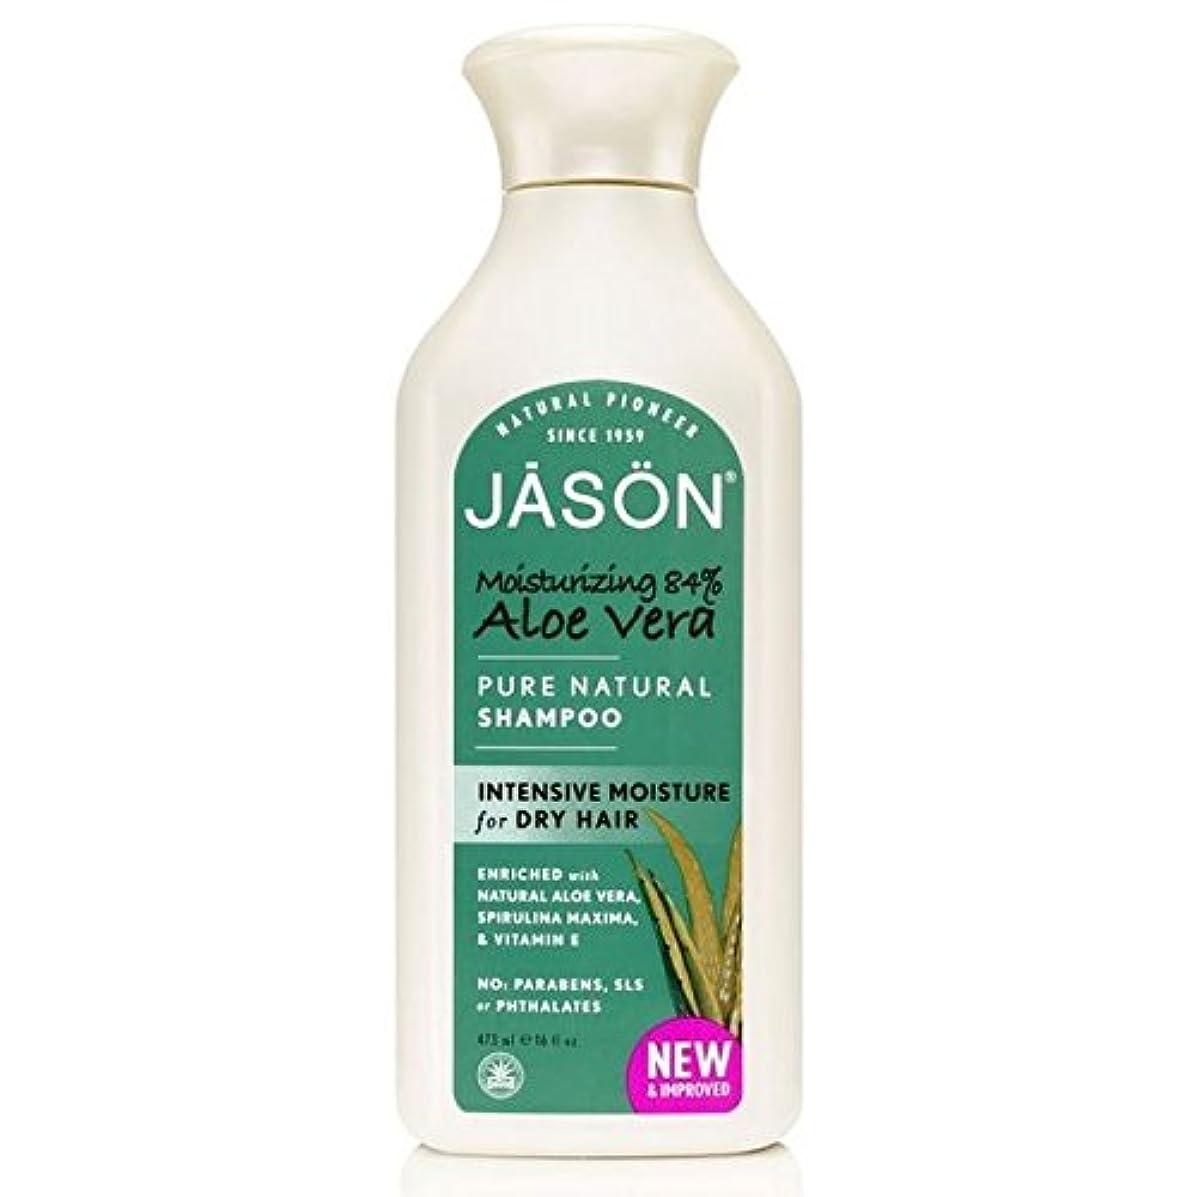 ブーストワイプデンマーク語ジェイソンのアロエベラ84%の純粋な天然シャンプー475ミリリットル x2 - Jason Aloe Vera 84% Pure Natural Shampoo 475ml (Pack of 2) [並行輸入品]